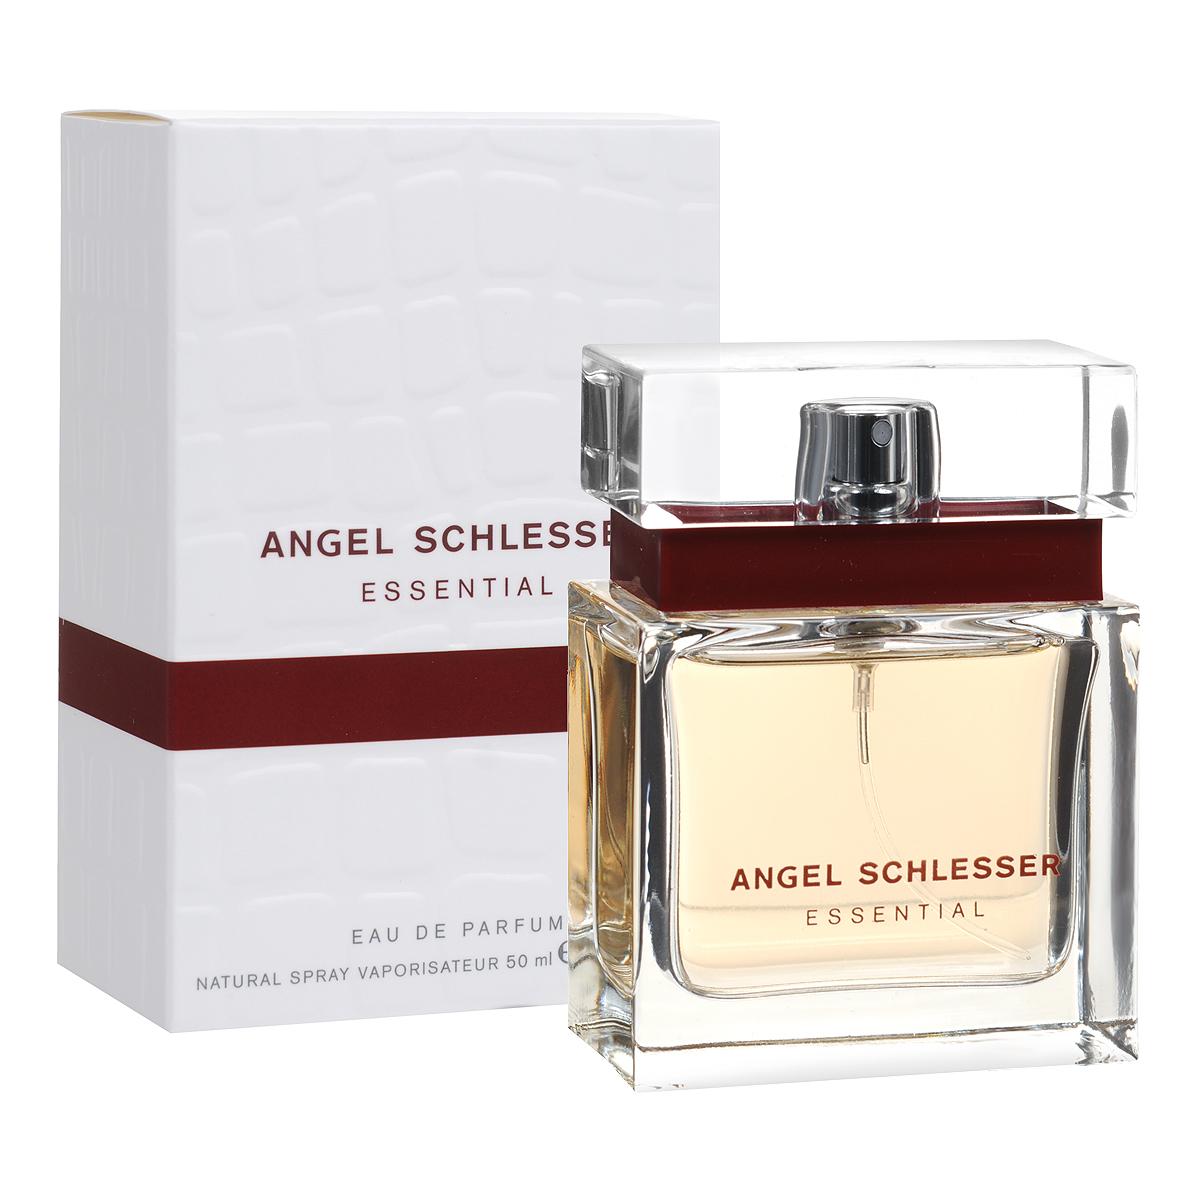 Angel Schlesser Парфюмерная вода Essential, женская, 50 мл25731Женский аромат Angel Schlesser Essential создан для современной, уверенной в себе женщины, которая следит за новыми тенденциями в мире моды и парфюмерии. Он посвящен элегантной, соблазнительной и неповторимой женщине. Она обладает яркой маняще-откровенной красотой, но в то же время скрывает в себе неразрешимую притягательную тайну. Эта тайна делает ее особенной, непохожей на других, наполняя сосуд ее красоты бесконечным и драгоценным содержанием.Классификация аромата: цветочно-фруктовый.Пирамида аромата:Верхние ноты: бергамот, красная смородина, свежесть фруктов.Ноты сердца: болгарская роза, пион, фрезия, фиалка..Ноты шлейфа:мускус, ветивер, сандал. Ключевые слованежный, свежий! Самый популярный вид парфюмерной продукции на сегодняшний день - парфюмерная вода. Это объясняется оптимальным балансом цены и качества - с одной стороны, достаточно высокая концентрация экстракта (10-20% при 90% спирте), с другой - более доступная, по сравнению с духами, цена. У многих фирм парфюмерная вода - самый высокий по концентрации экстракта вид товара, т.к. далеко не все производители считают нужным (или возможным) выпускать свои ароматы в виде духов. Как правило, парфюмерная вода всегда в спрее-пульверизаторе, что удобно для использования и транспортировки. Так что если духи по какой-либо причине приобрести нельзя, парфюмерная вода, безусловно, - самая лучшая им замена.Товар сертифицирован.